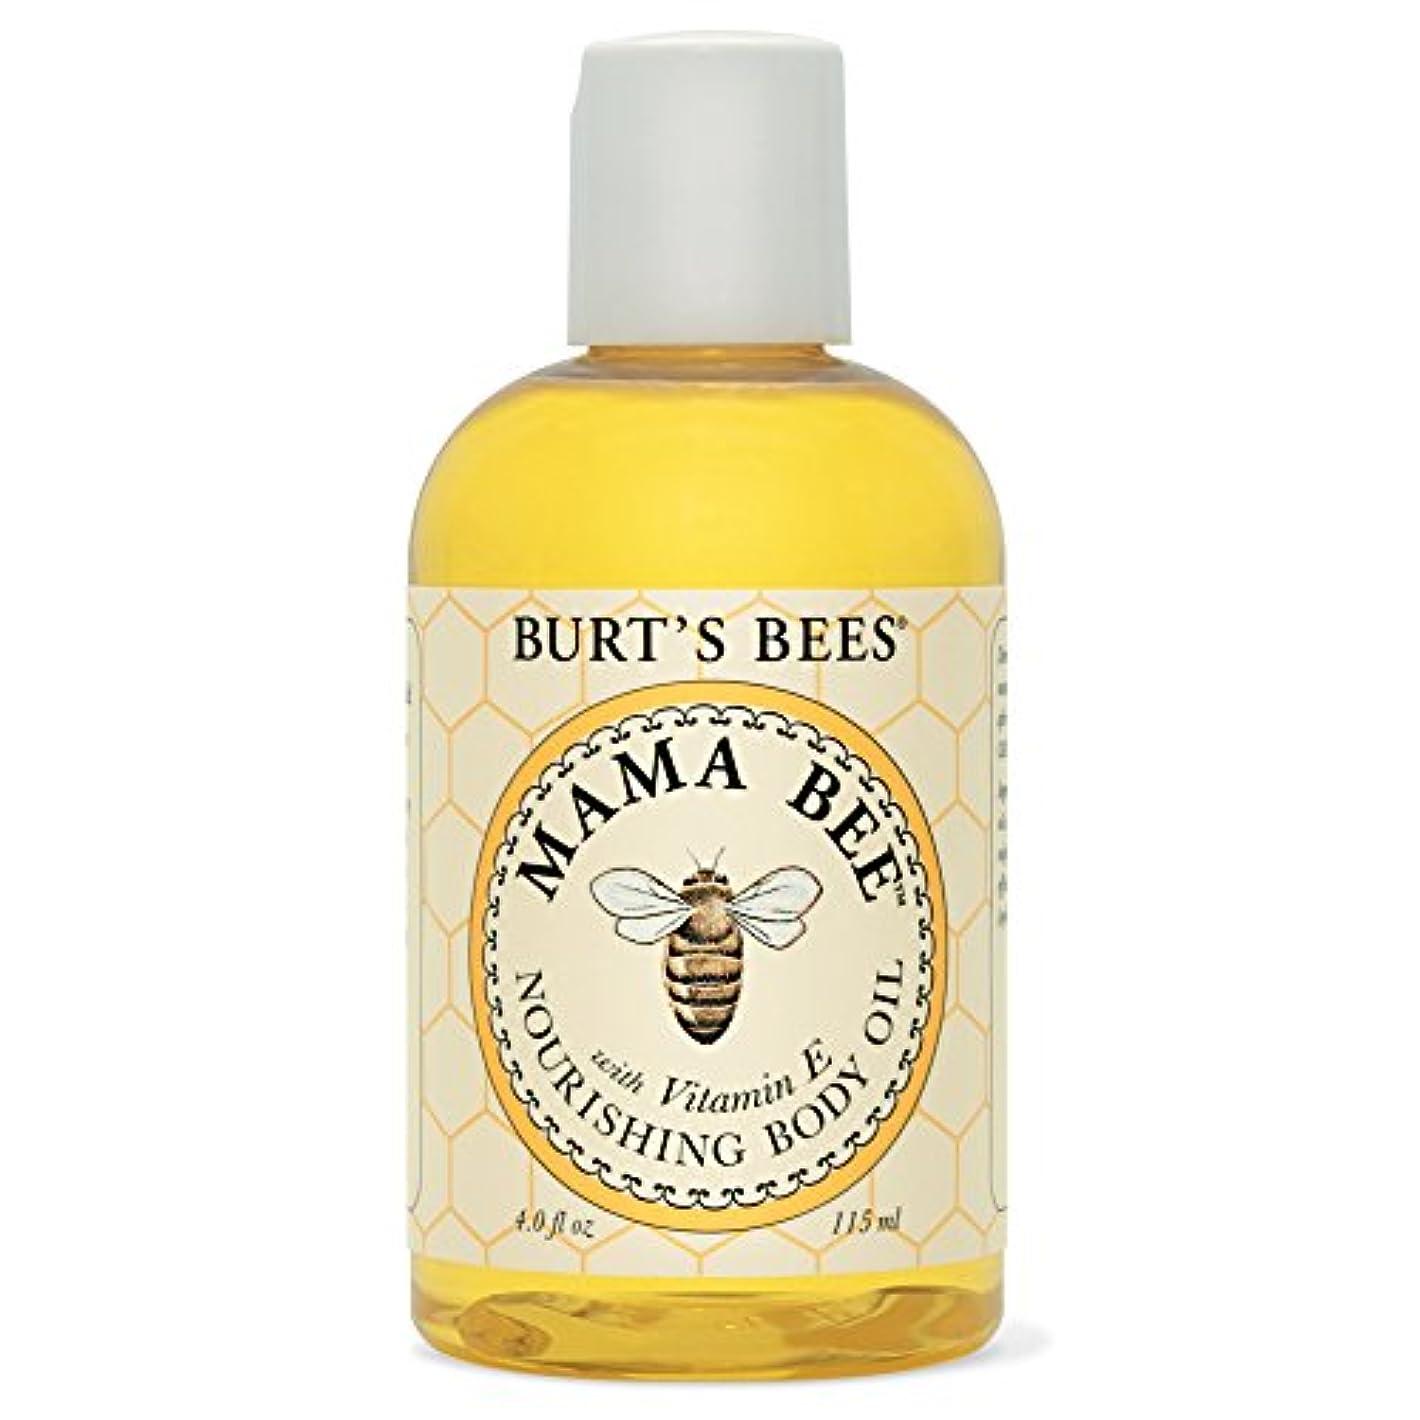 ヒゲクジラ労働アンドリューハリディバーツビーママ蜂栄養ボディオイル115ミリリットル (Burt's Bees) - Burt's Bees Mama Bee Nourishing Body Oil 115ml [並行輸入品]